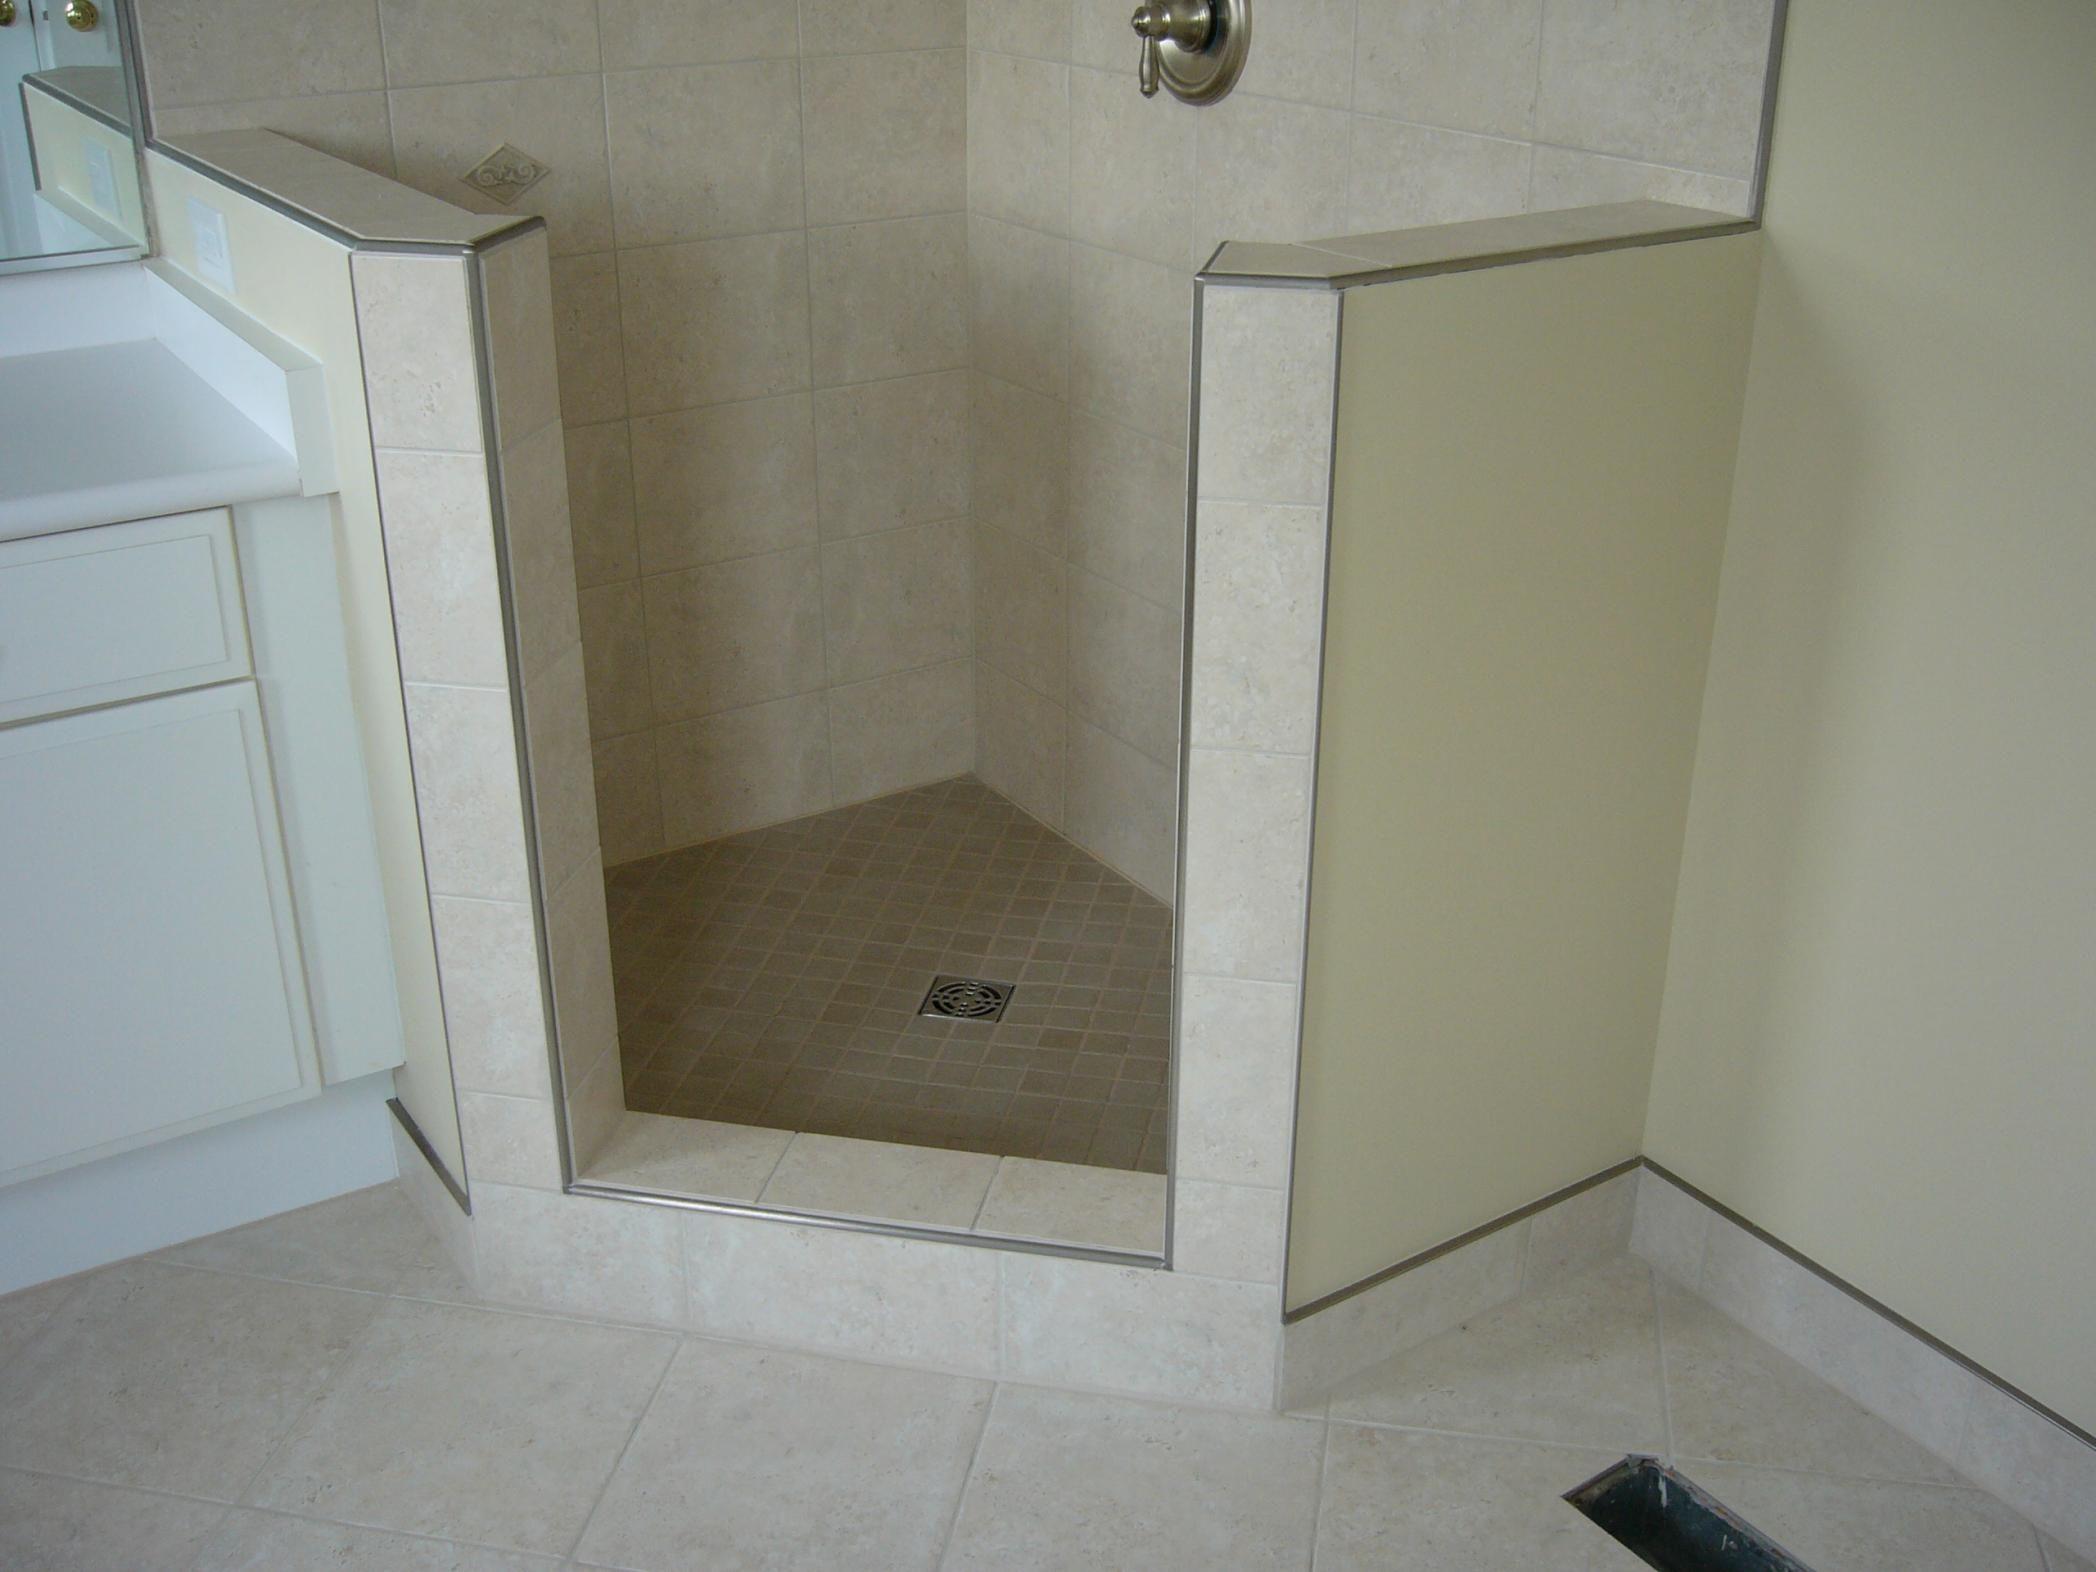 Bathroom tile edge trim ideas bathroom exclusiv pinterest bathroom tile edge trim ideas dailygadgetfo Choice Image